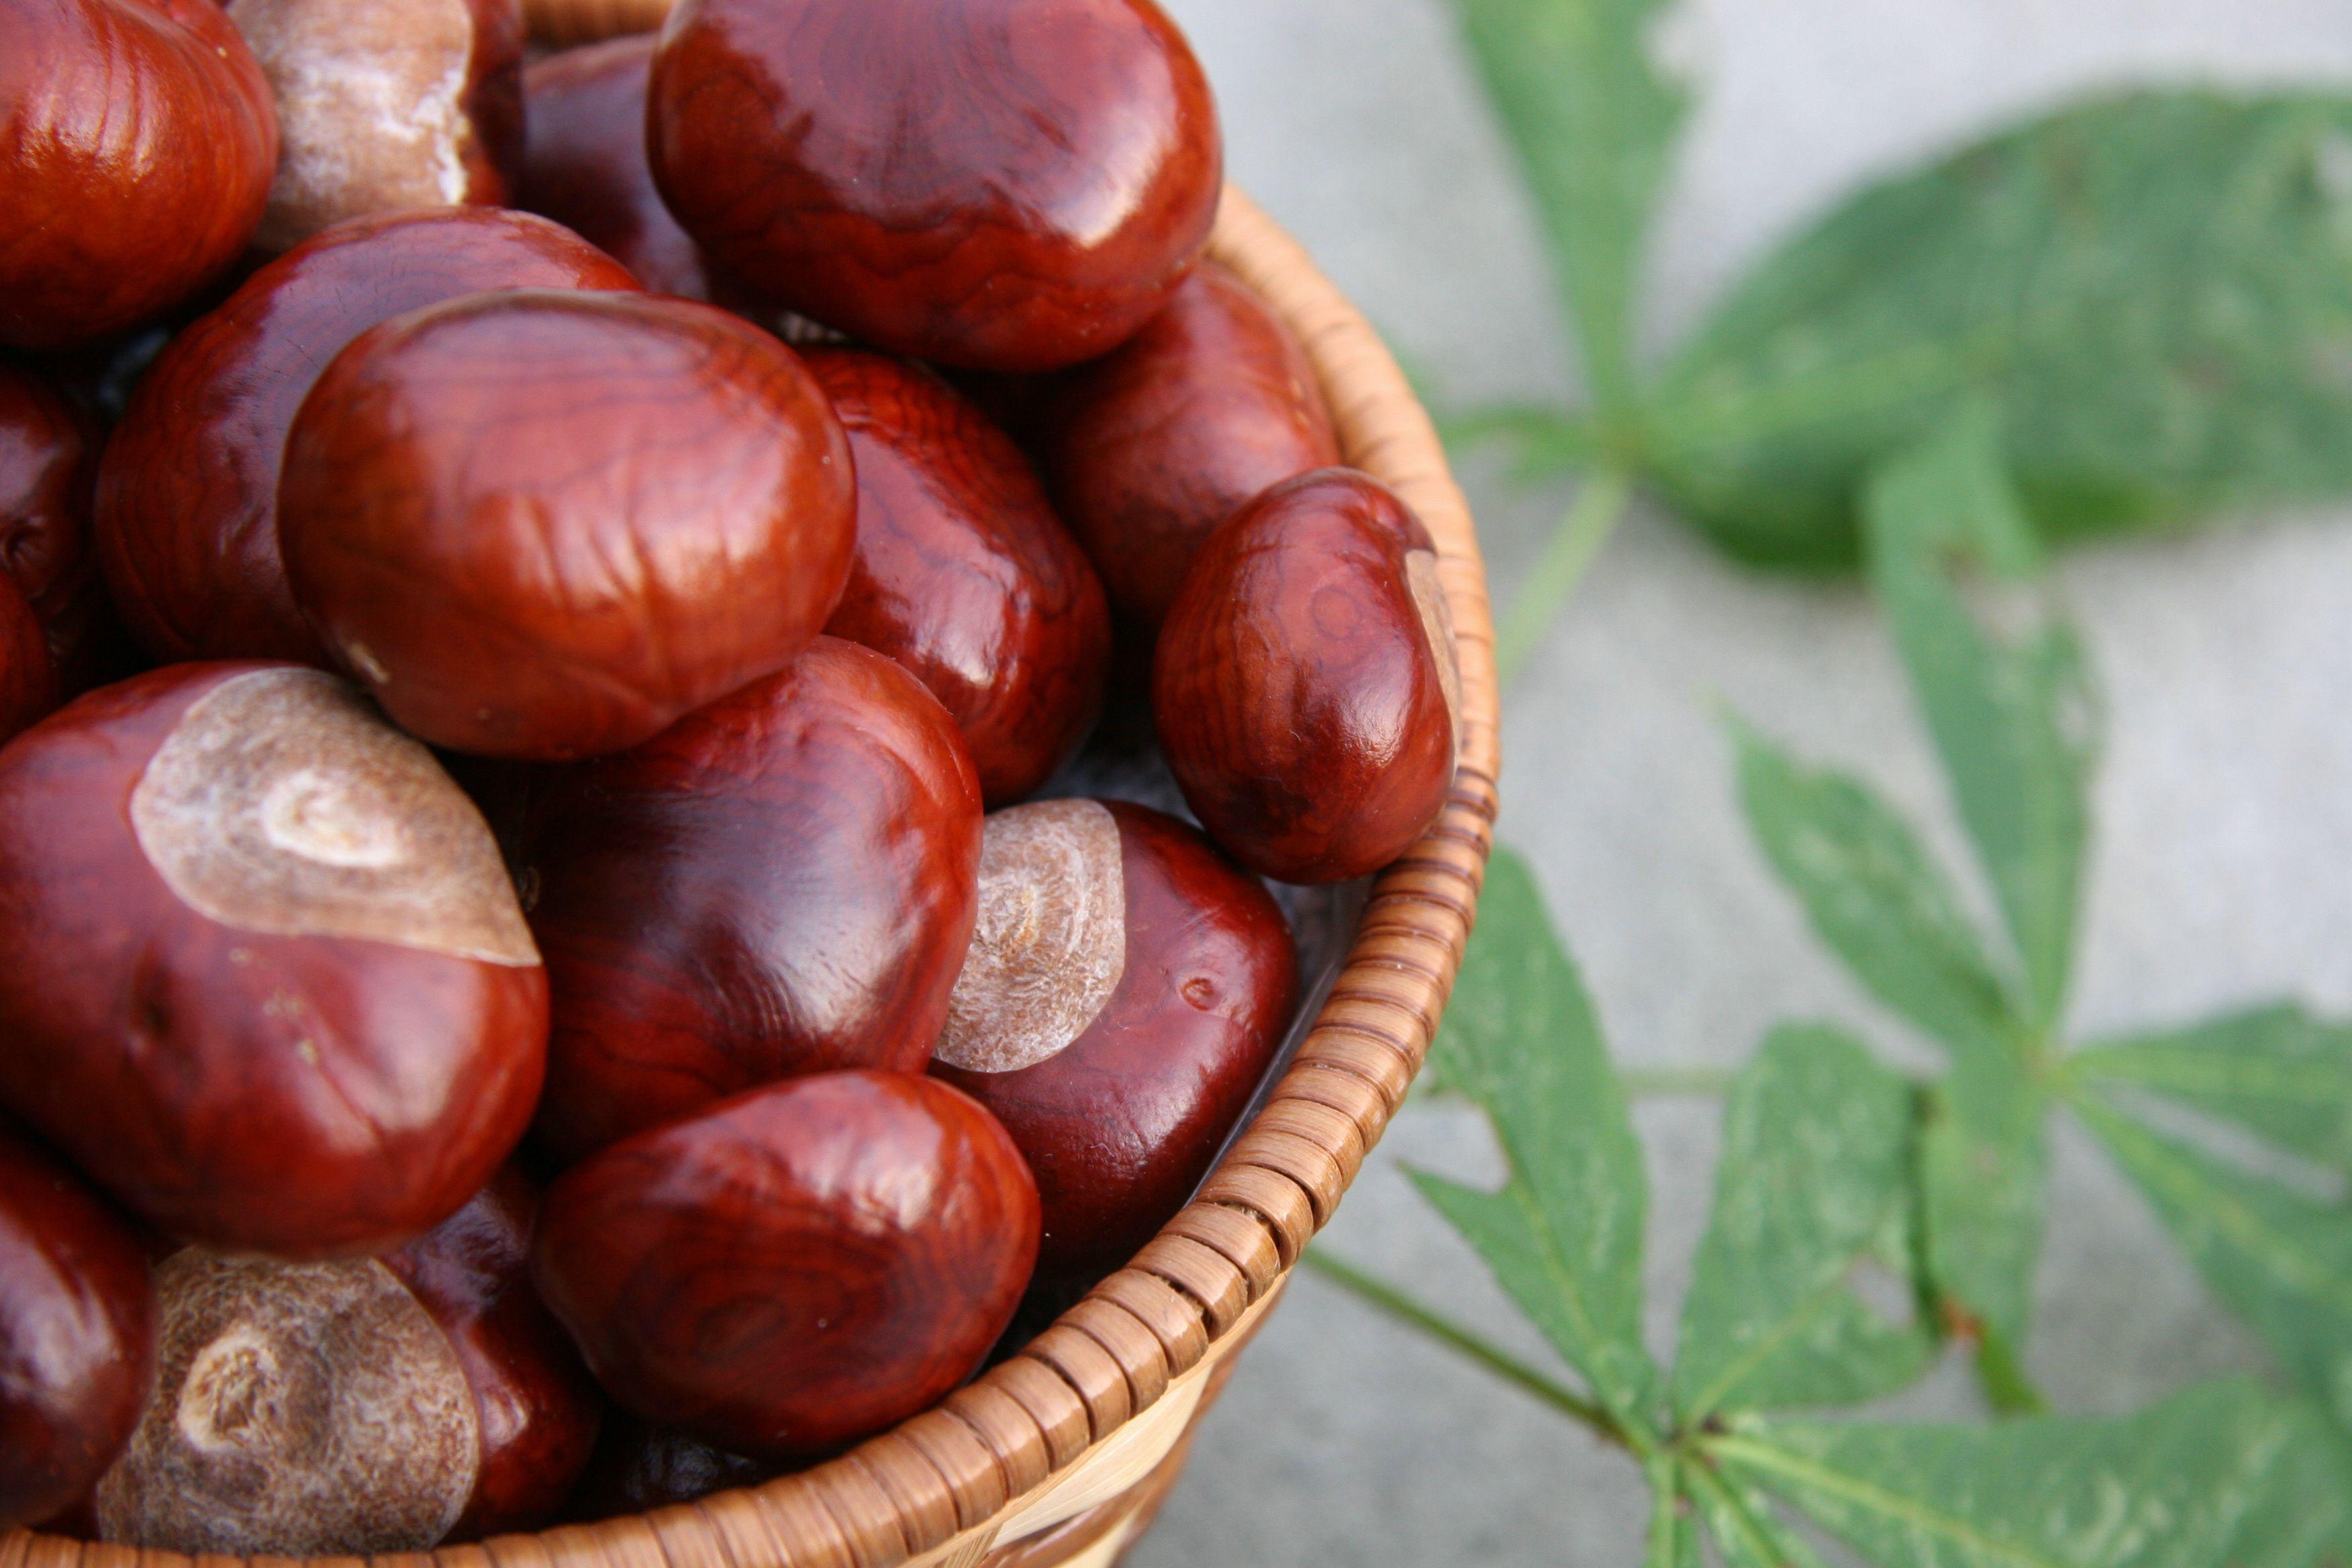 Scad riscul de infarct, tratează varicele şi luptă împotriva bolilor reumatice! Beneficiile uimitoare ale acestor fructe